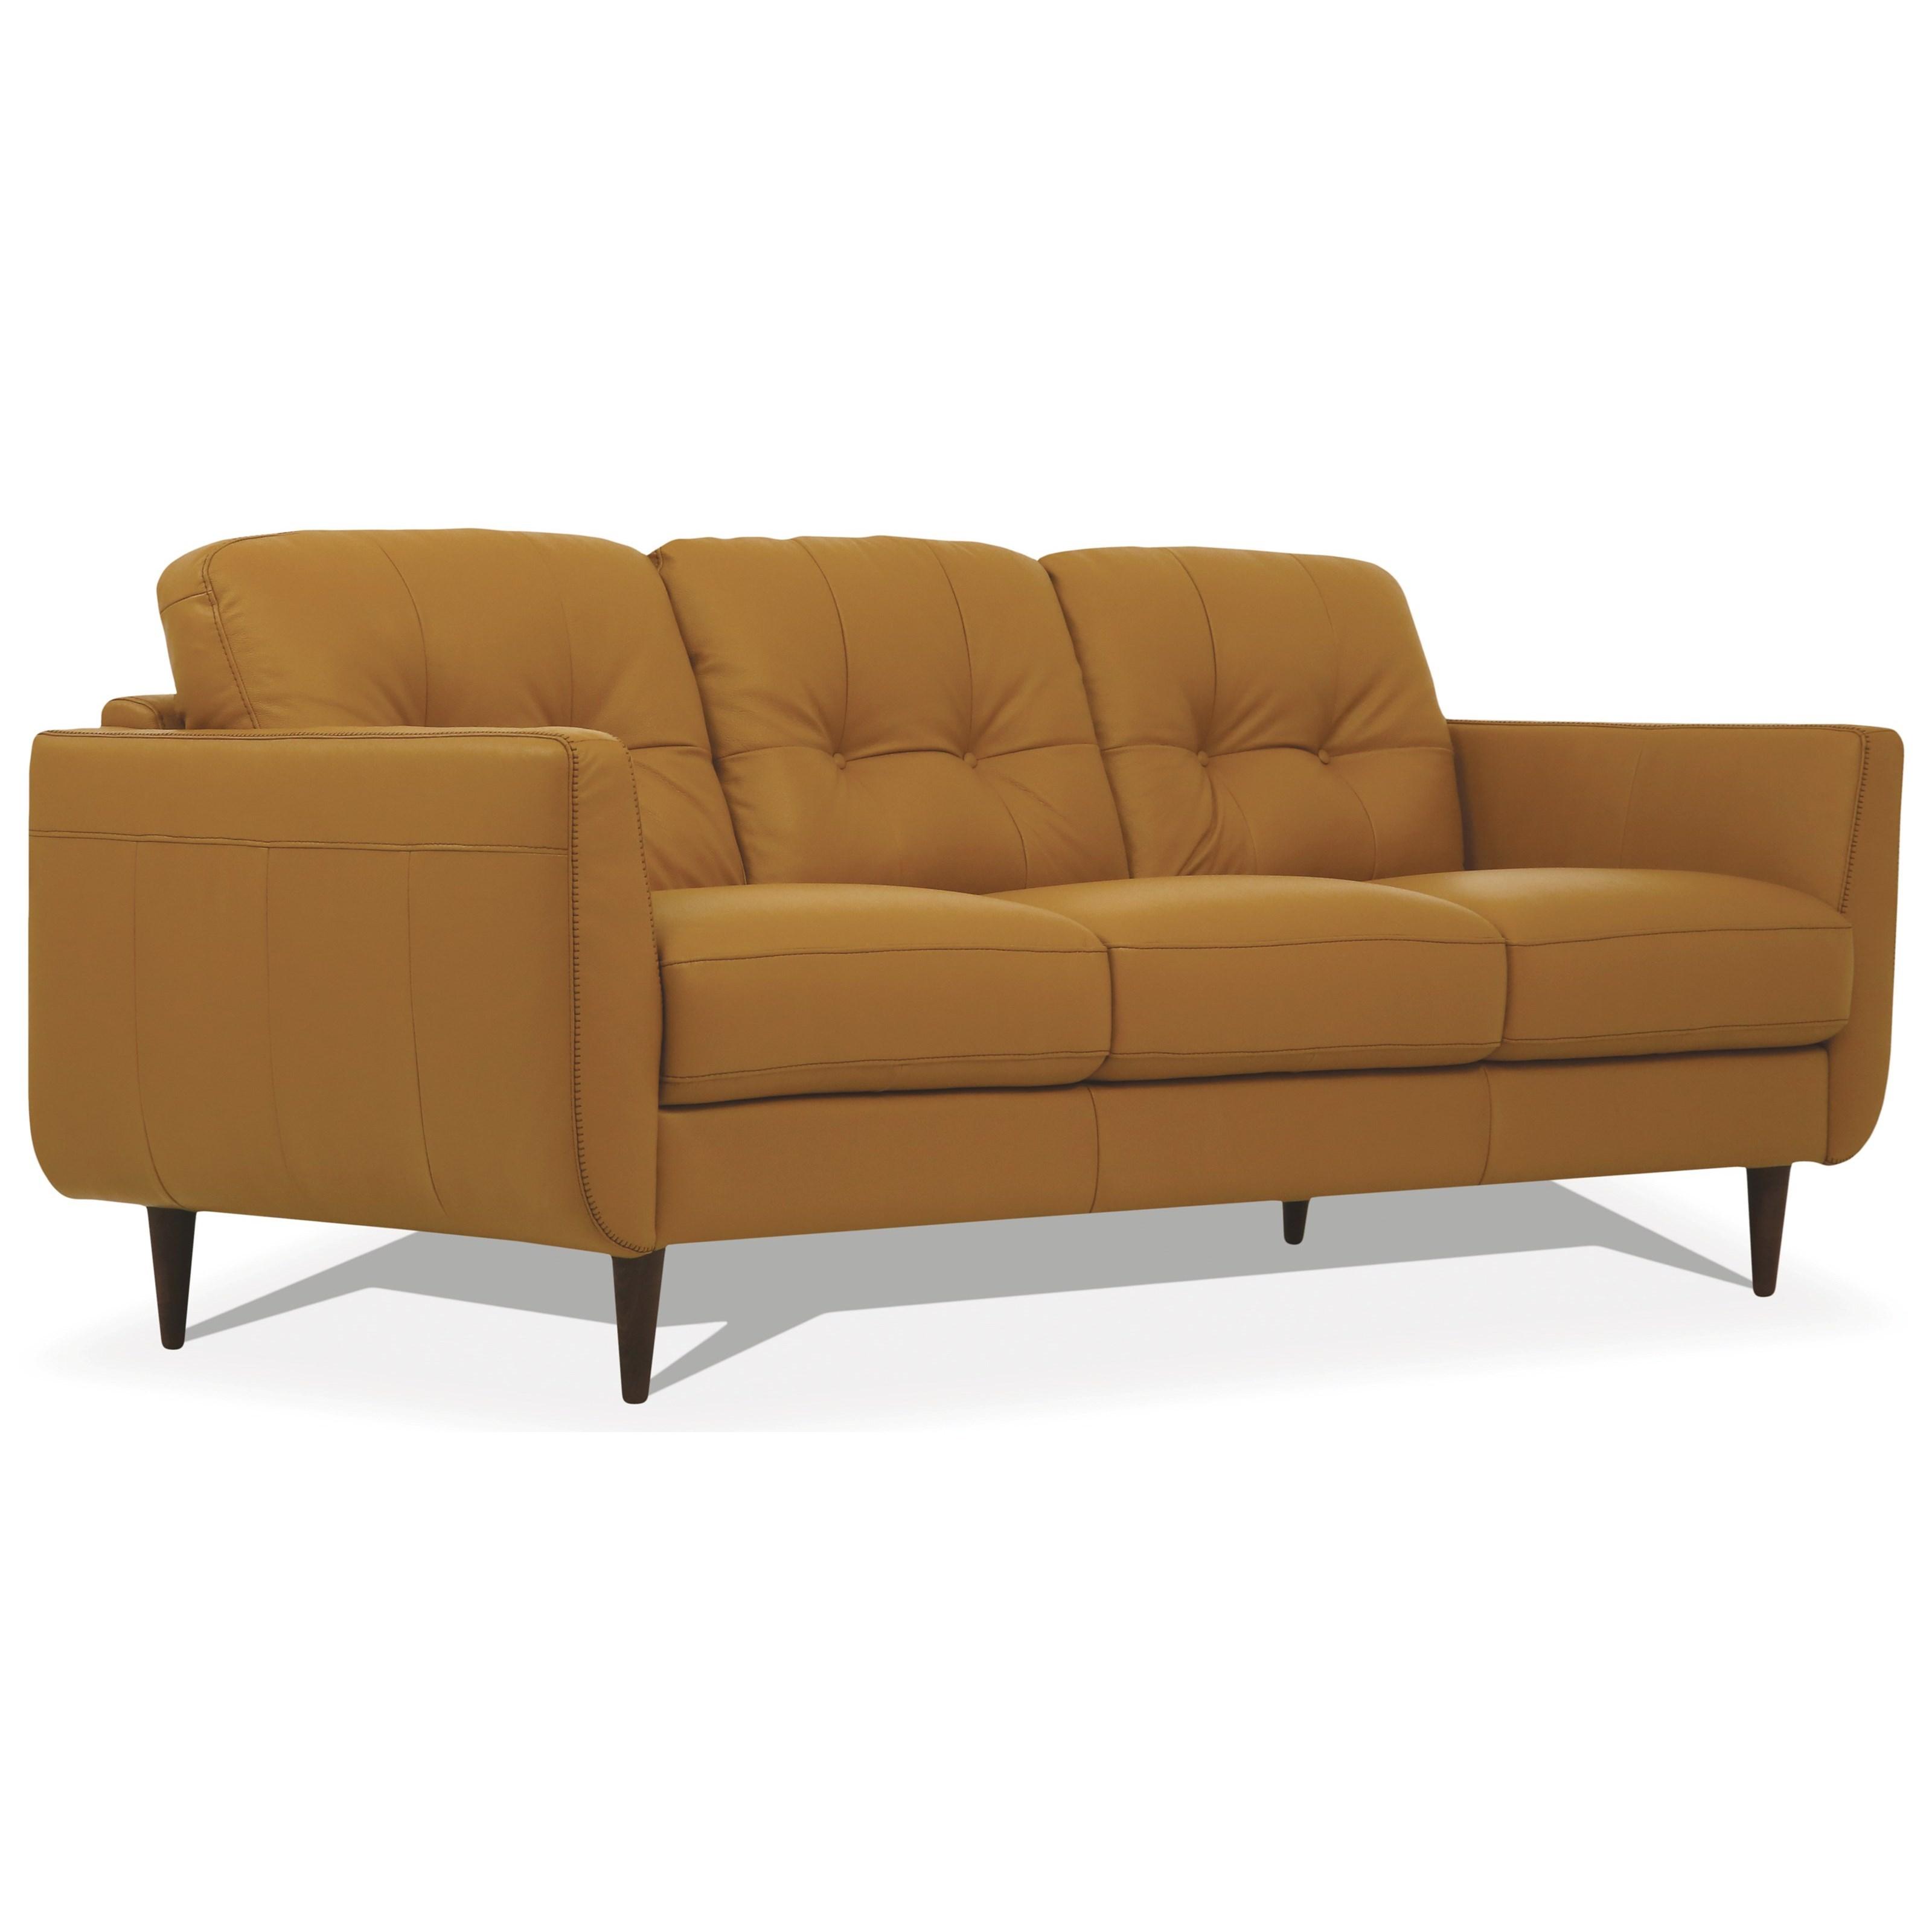 Radwan Sofa by Acme Furniture at Carolina Direct